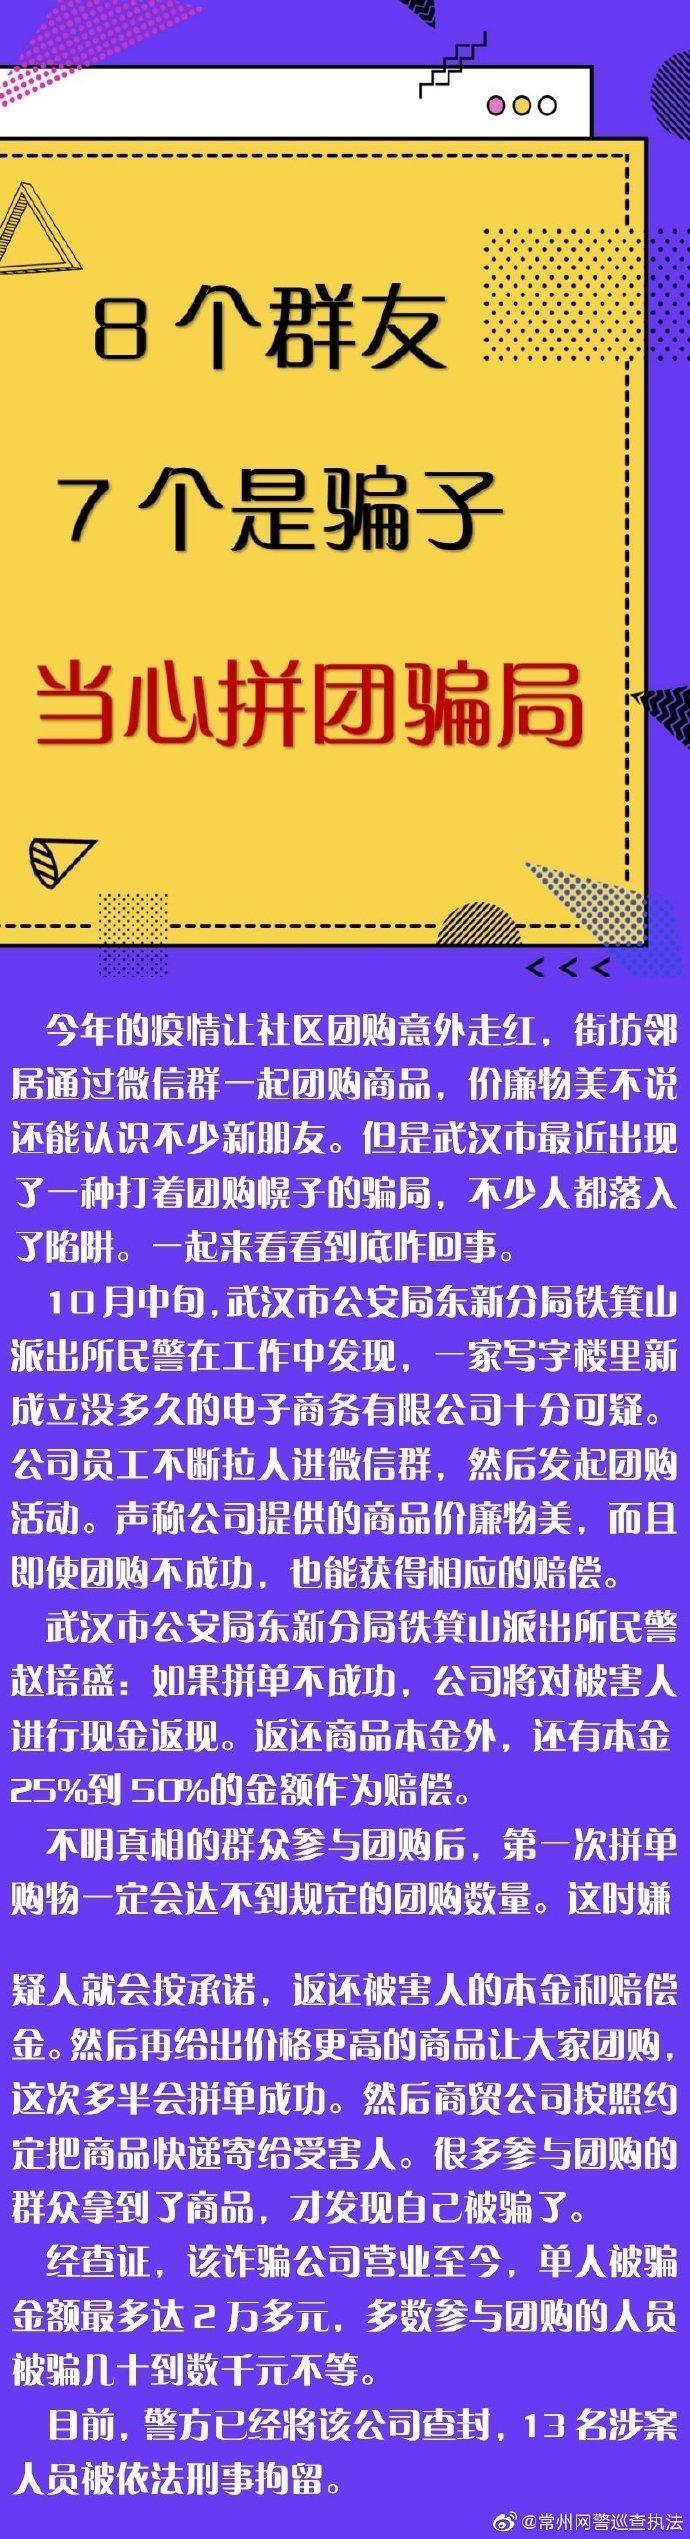 净网2020  8个群友7个是骗子 【小心拼团骗局】剑指诈骗